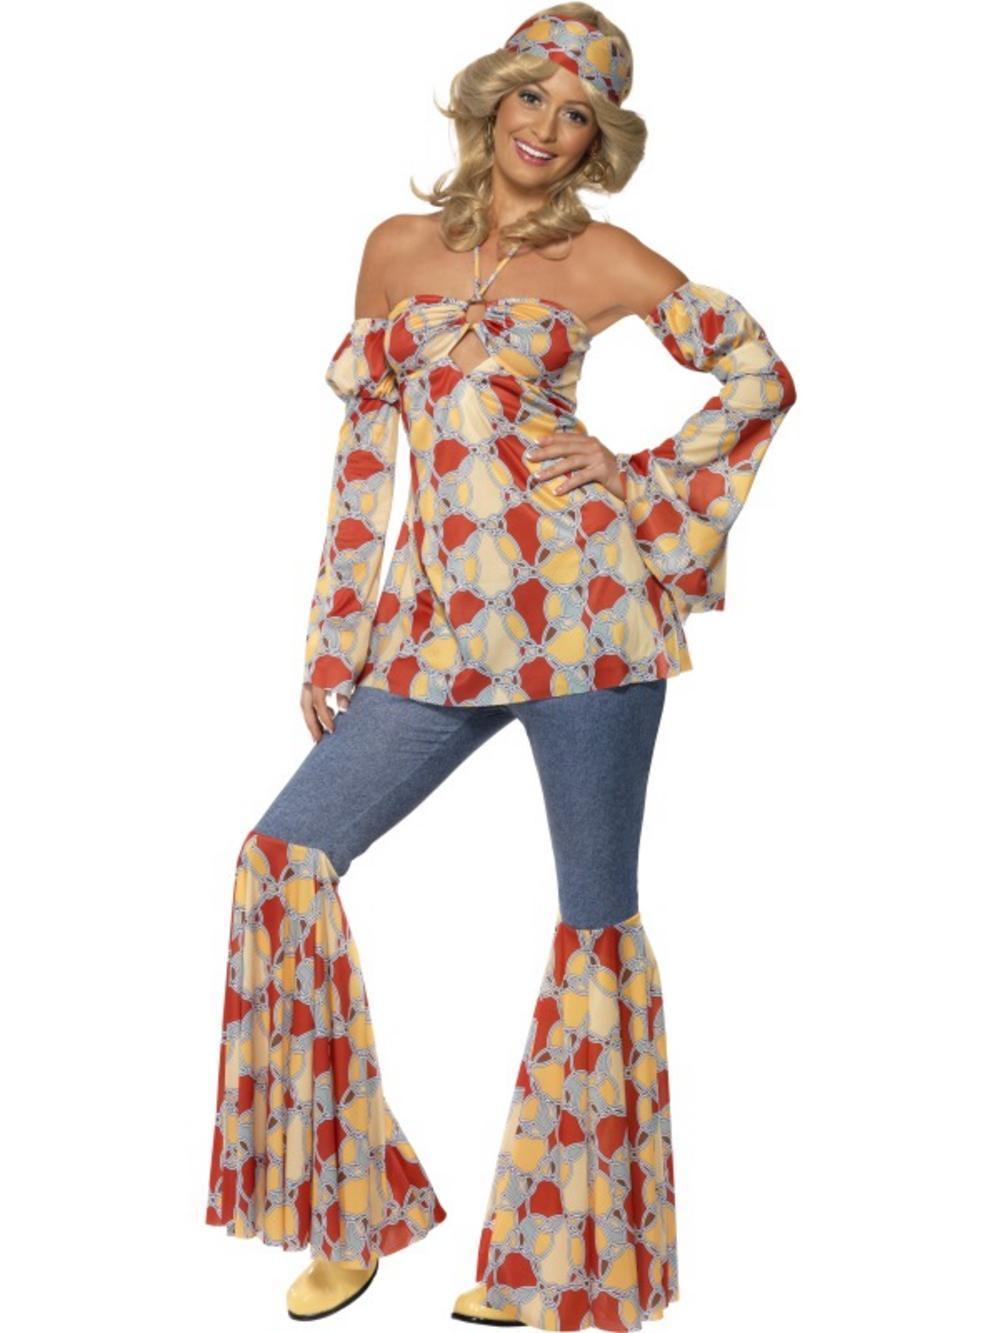 70s Theme Party Outfit Ideas | 70s Attire | 1970s Jumpsuit